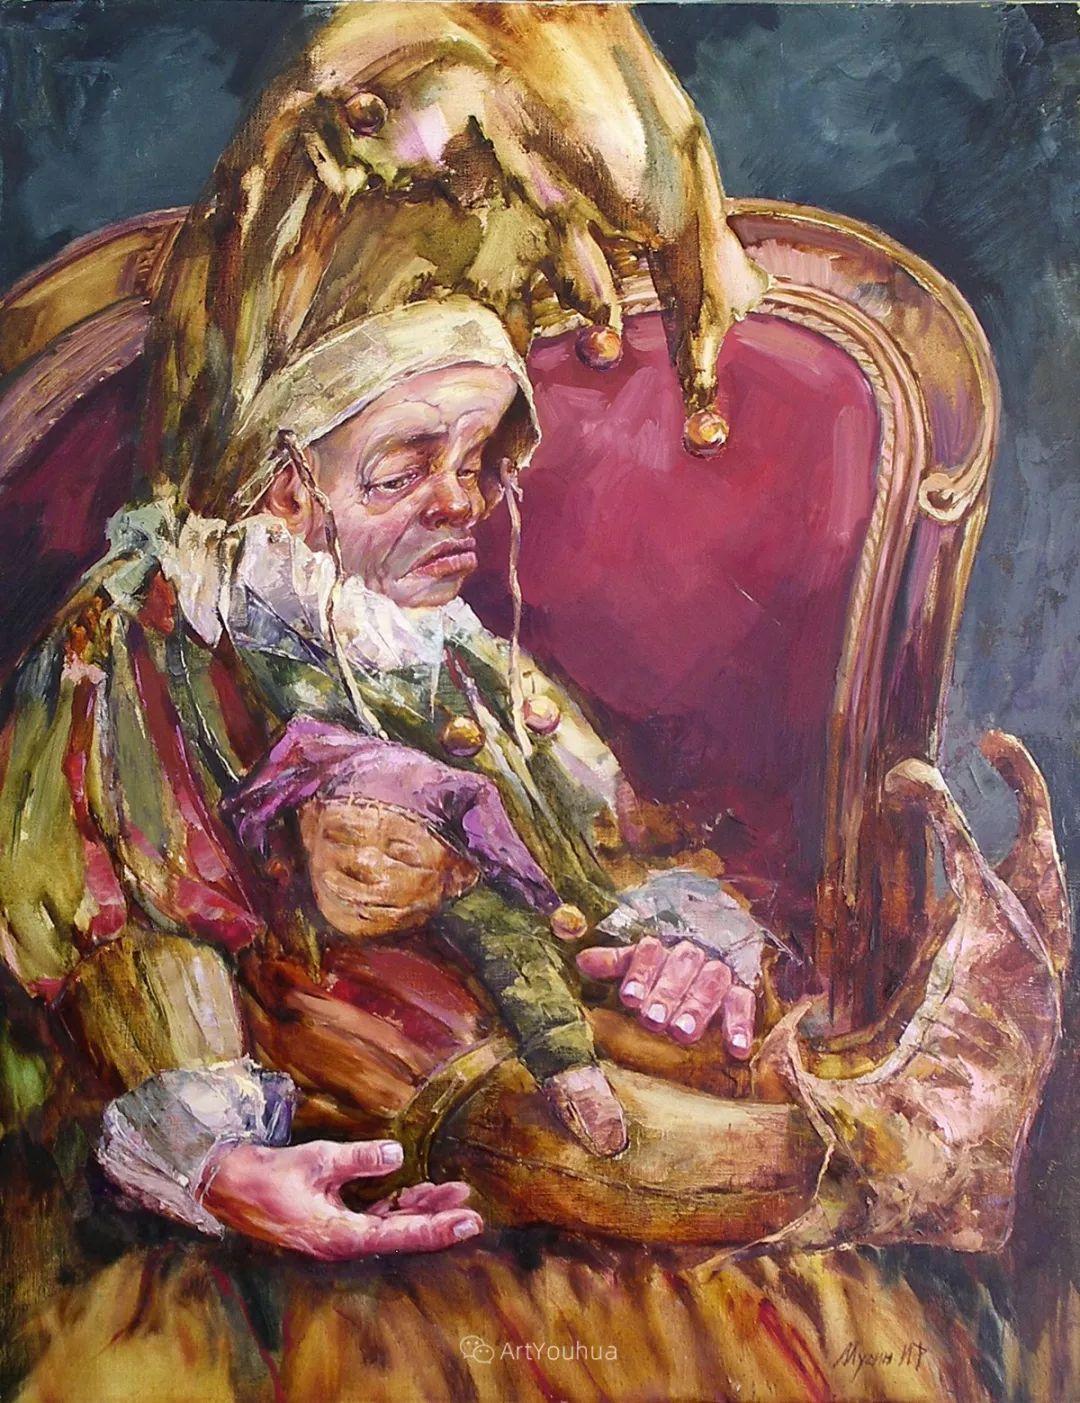 人物篇——哈萨克斯坦画家Musin Irik Rashidovich插图19